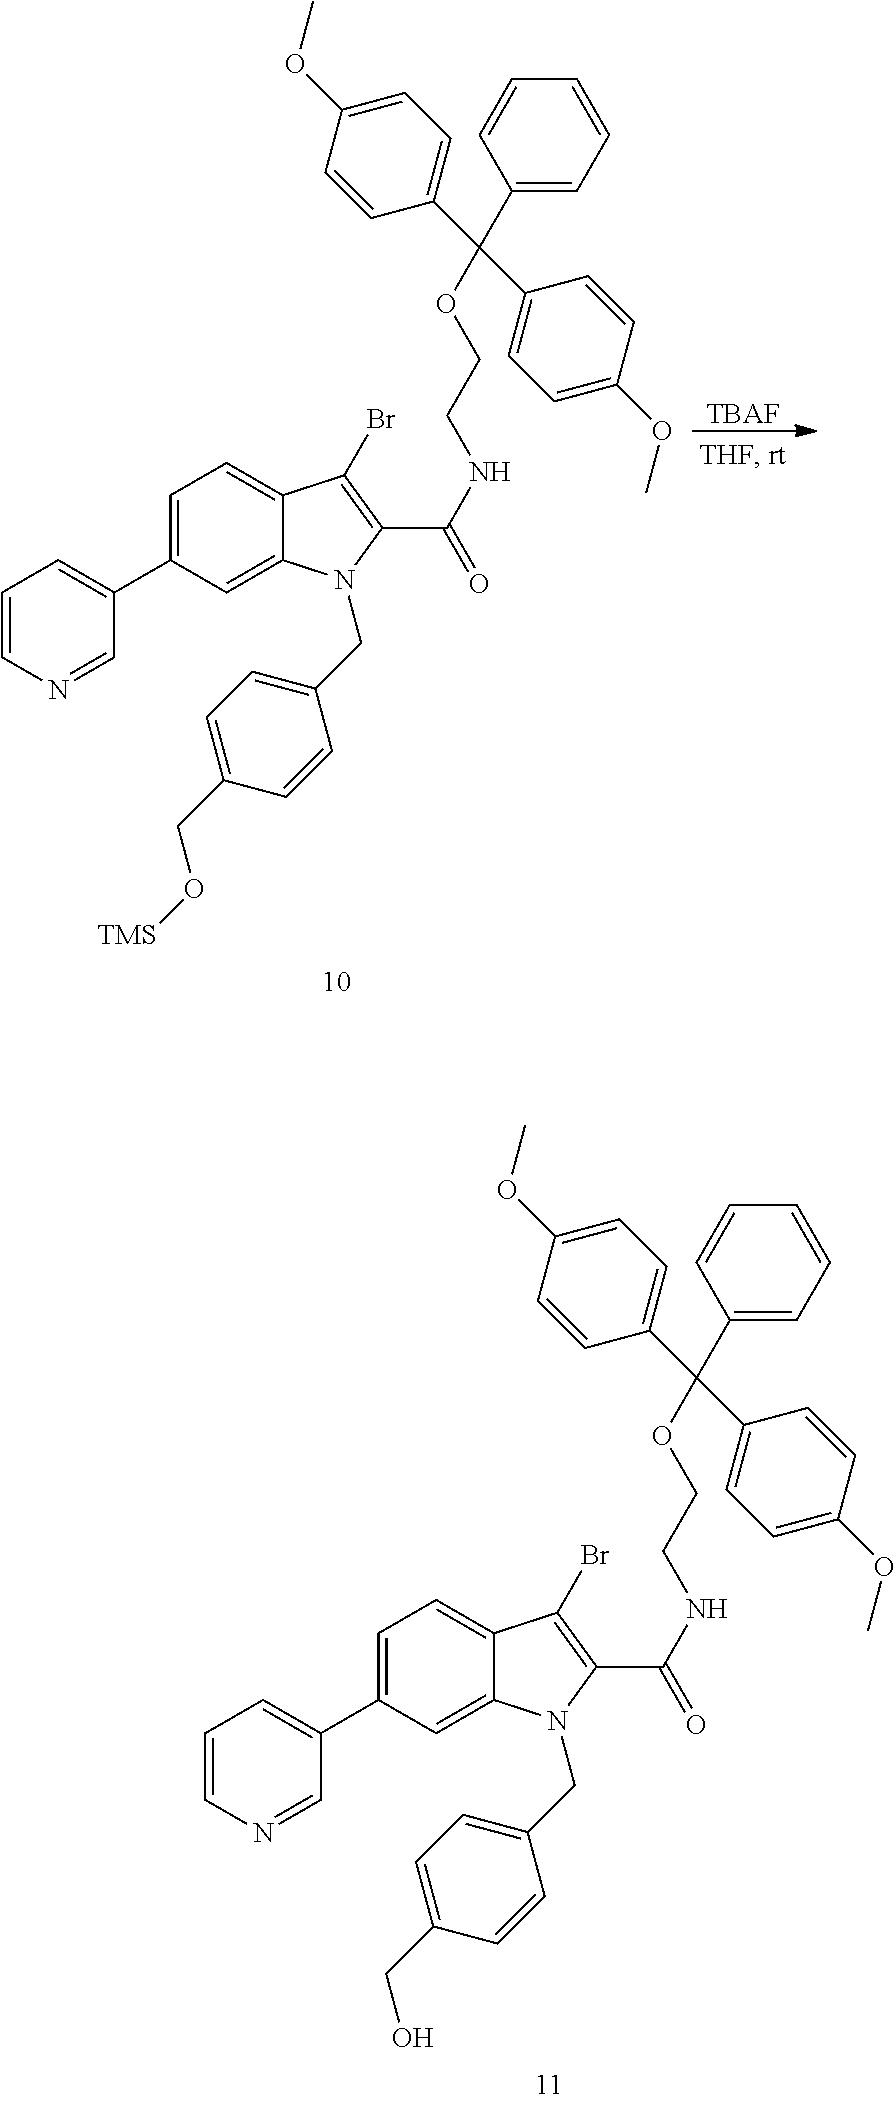 Figure US09988627-20180605-C00304